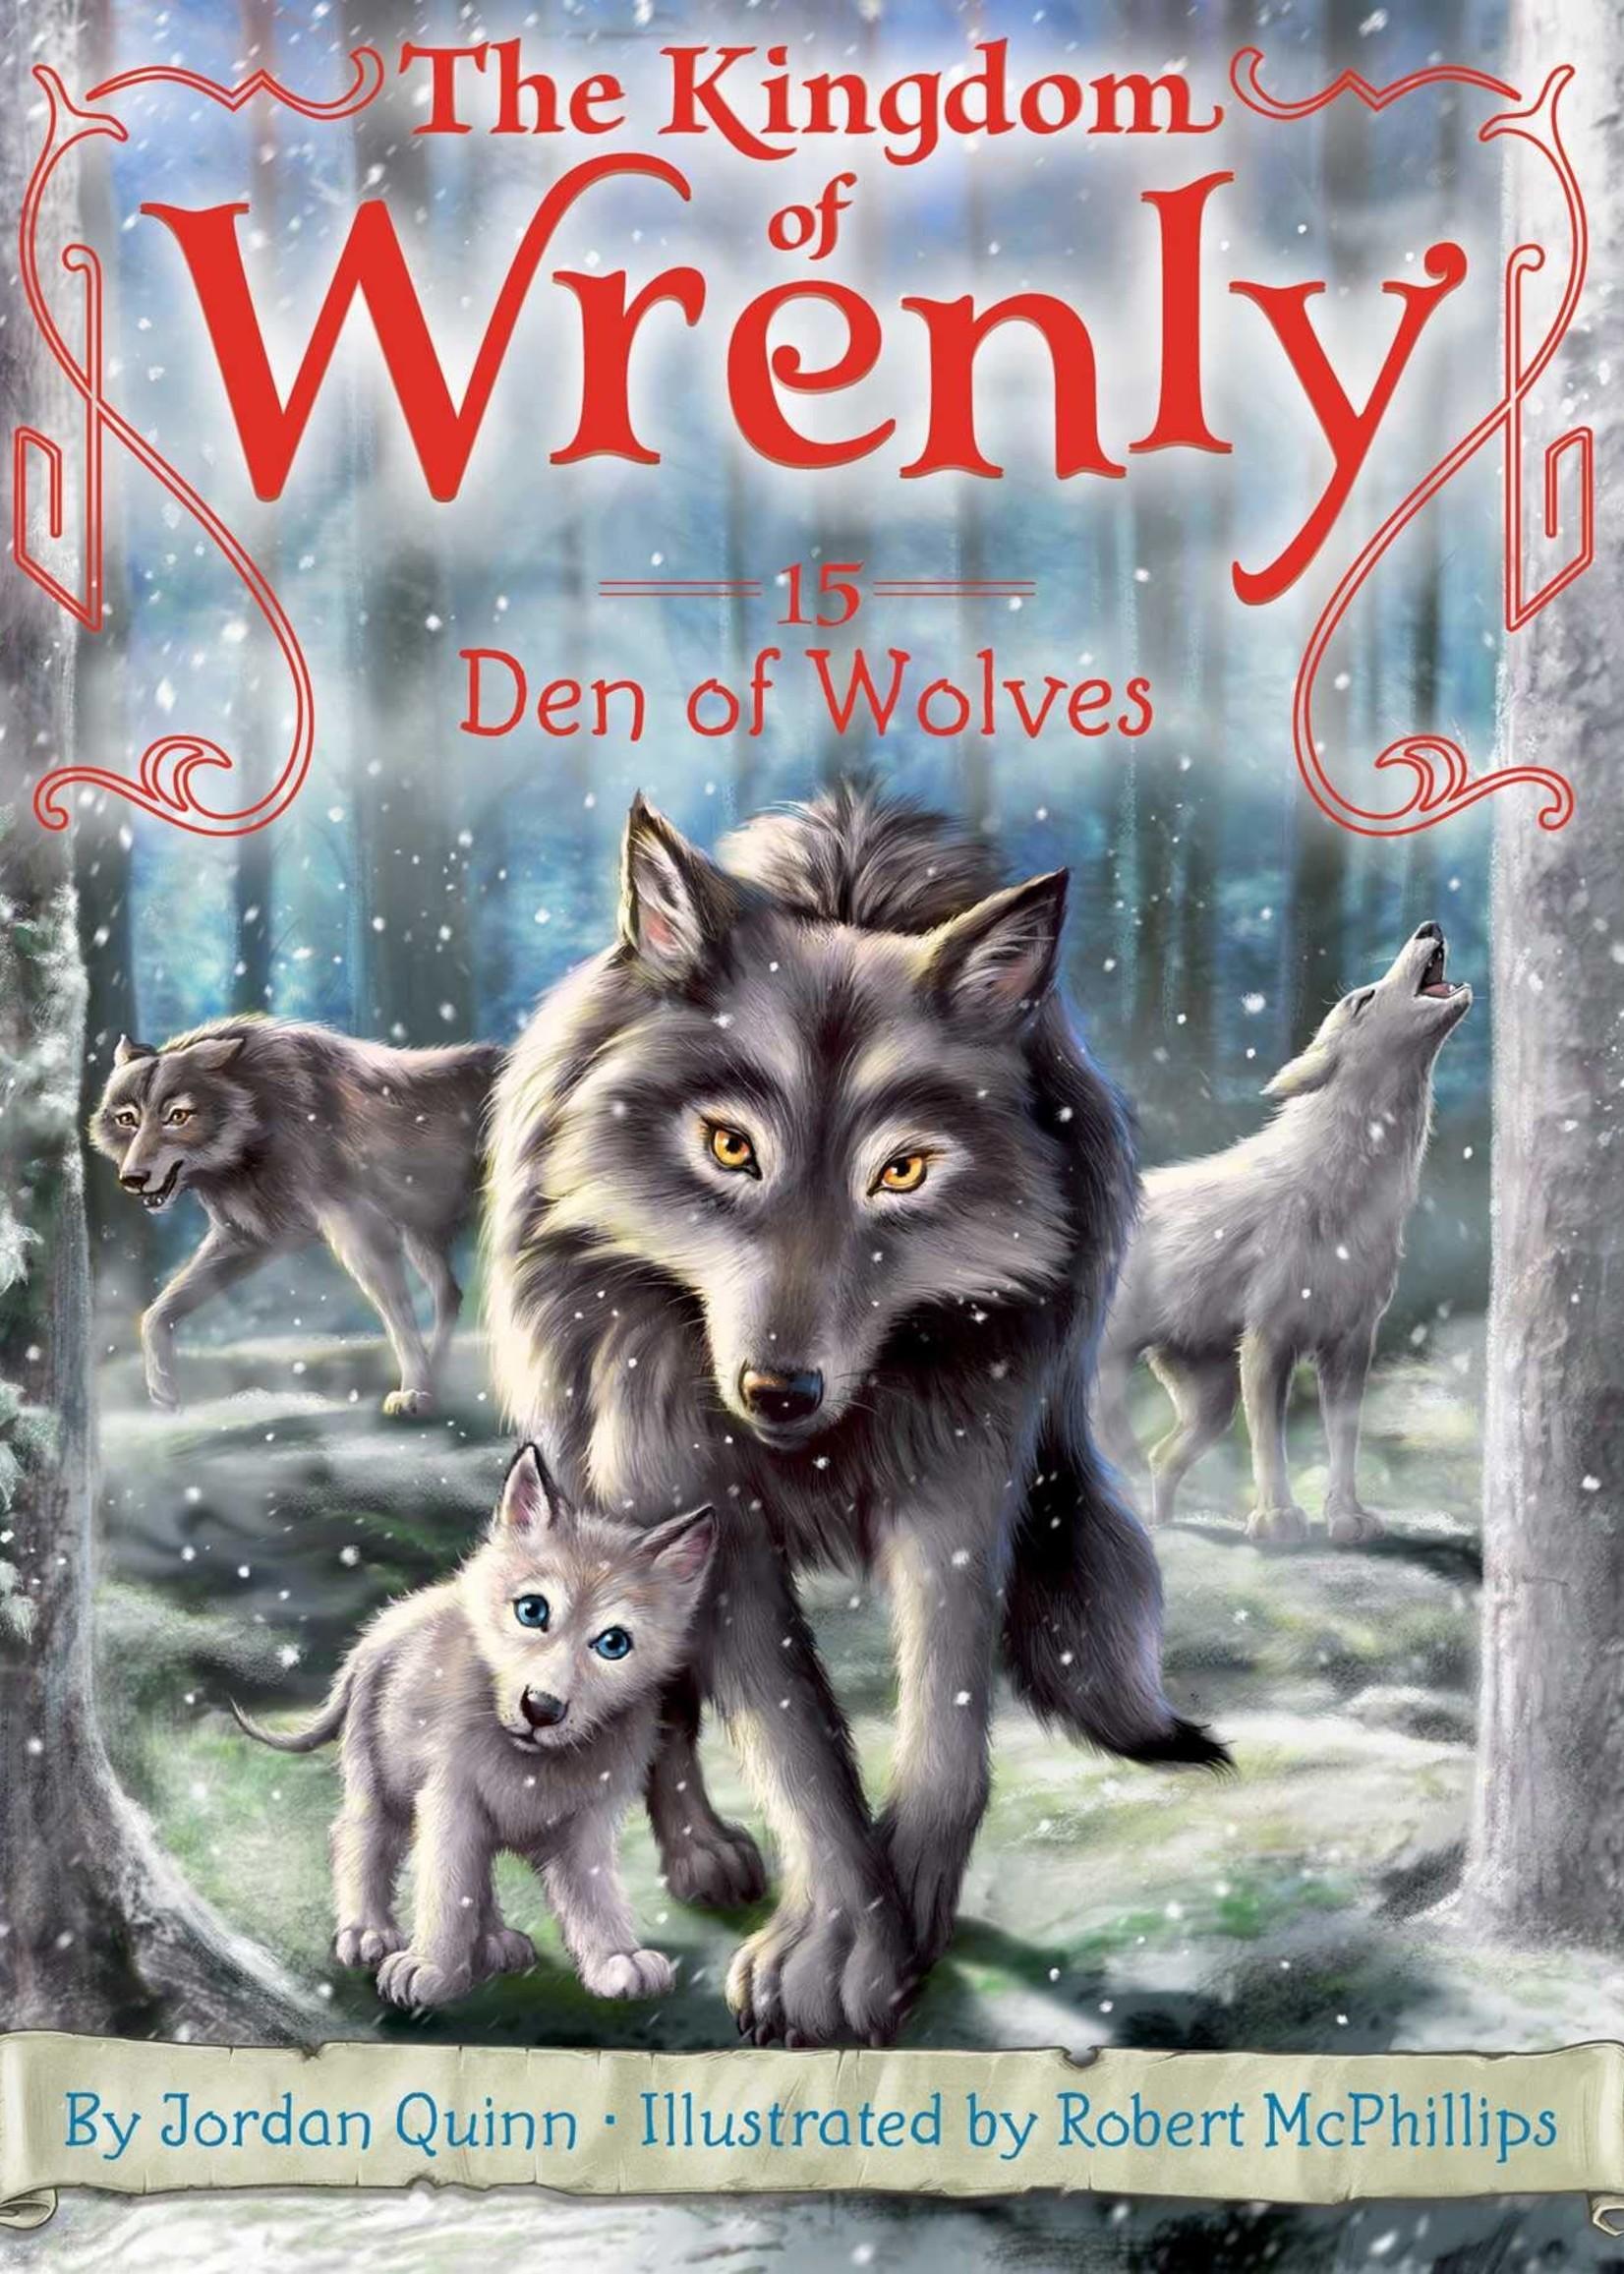 Kingdom of Wrenly #15, Den of Wolves - Paperback